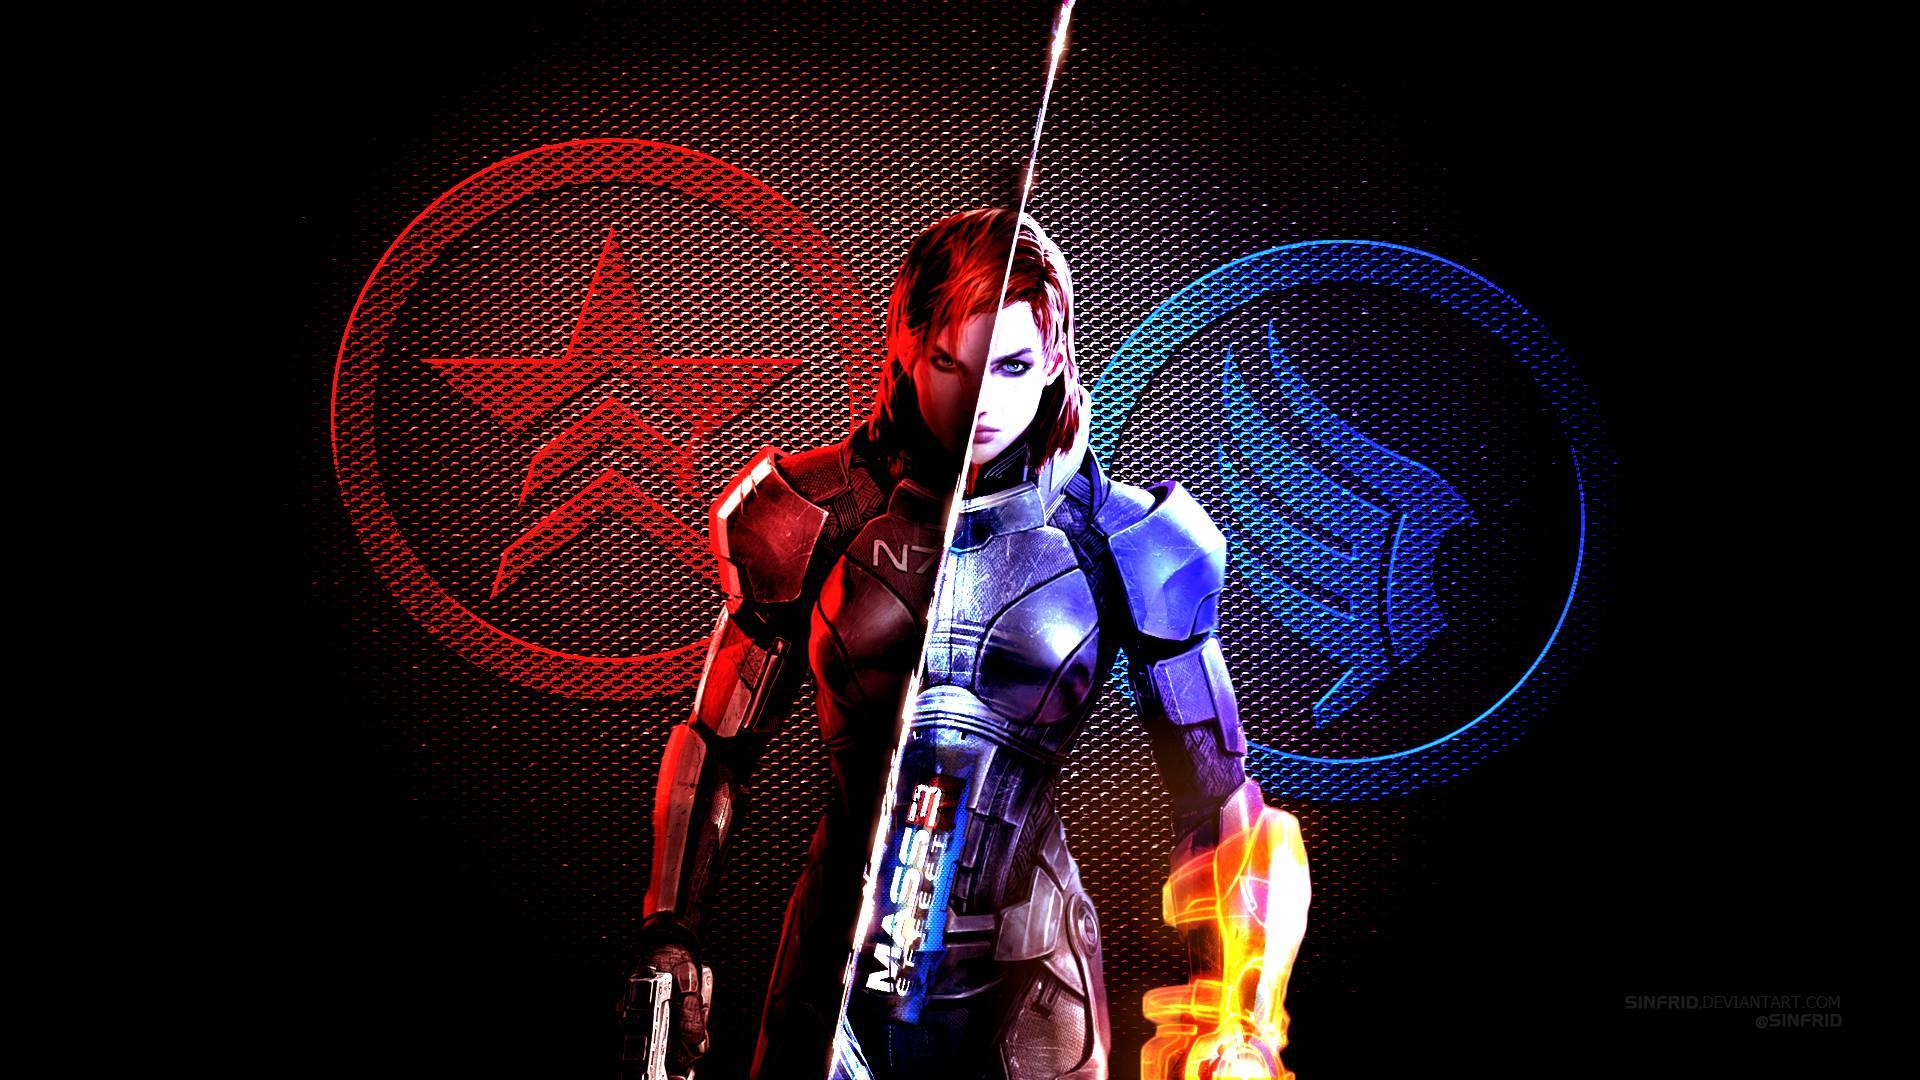 Mass Effect Wallpapers - Wallpaper Cave